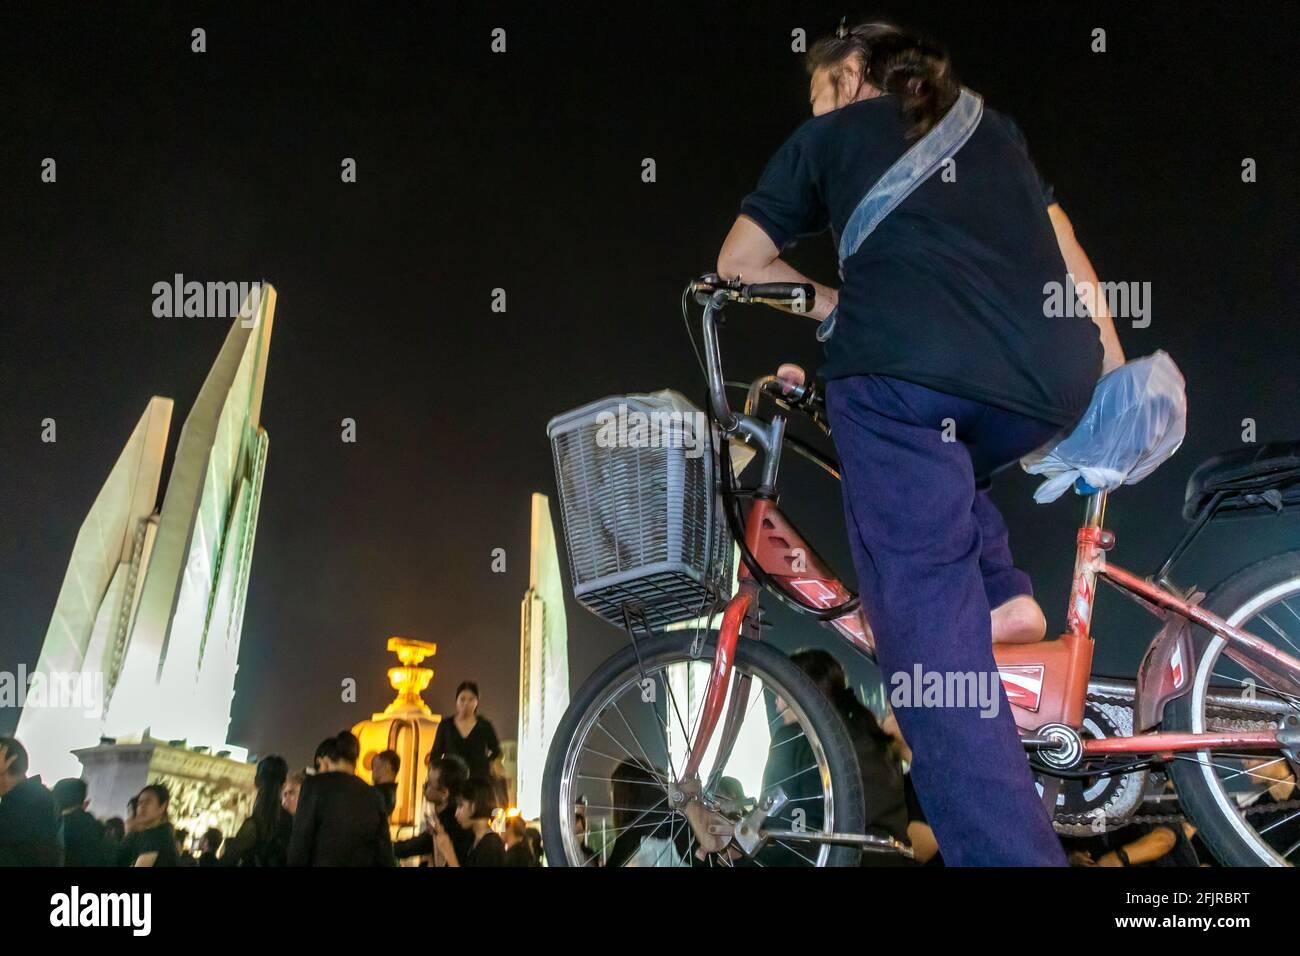 Pleurer à vélo aux funérailles du Roi Bhumibol, Monument de la démocratie, Bangkok, Thaïlande Banque D'Images